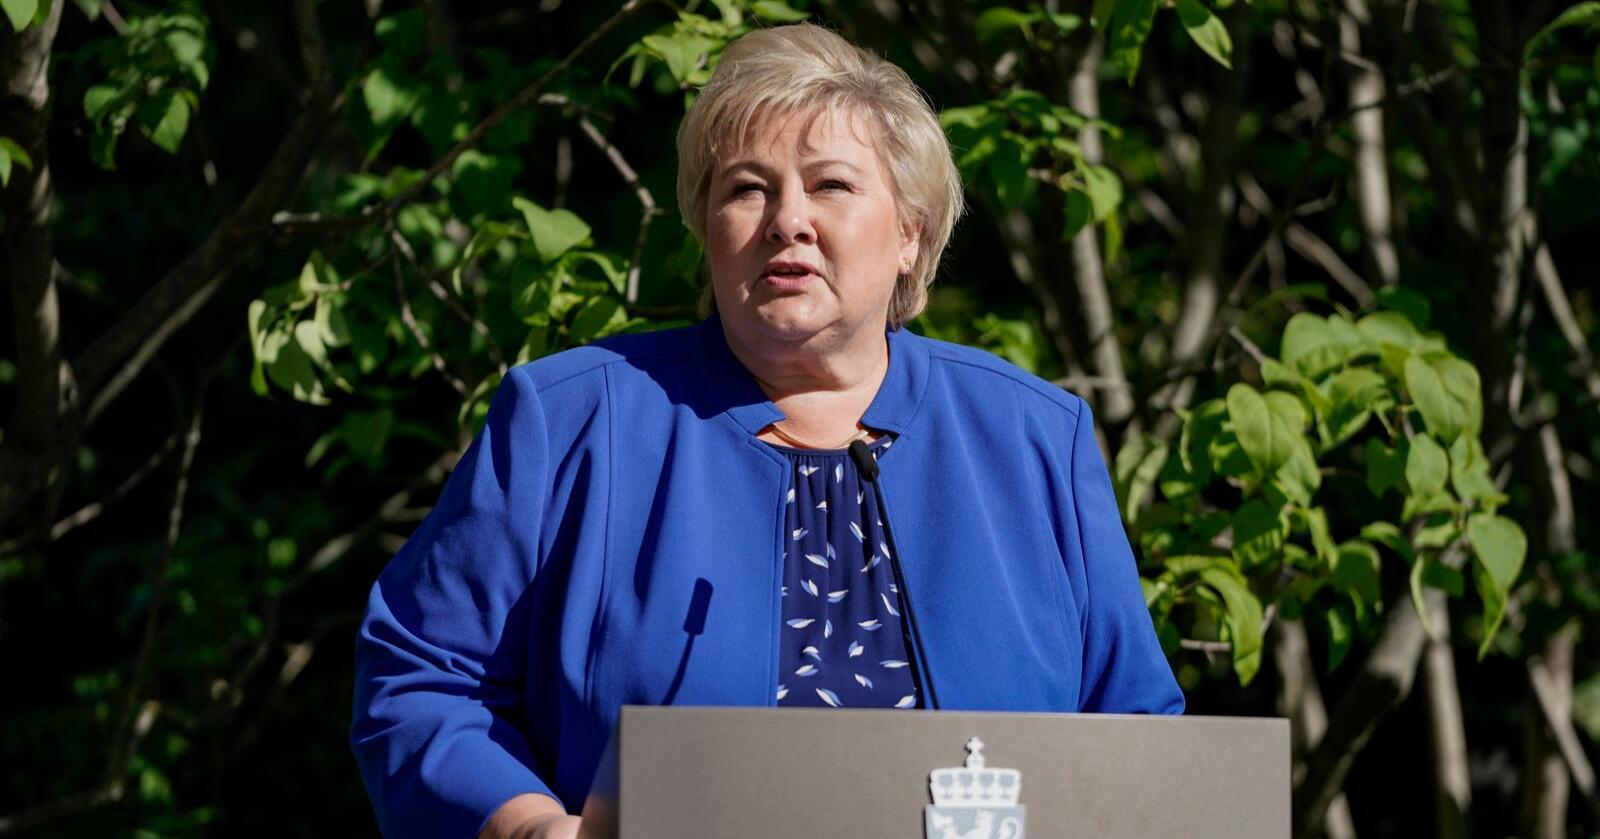 Statsminister Erna Solberg kommenterer resultatet etter stortingsvalget i regjeringens representasjonsanlegg. Foto: Stian Lysberg Solum / NTB